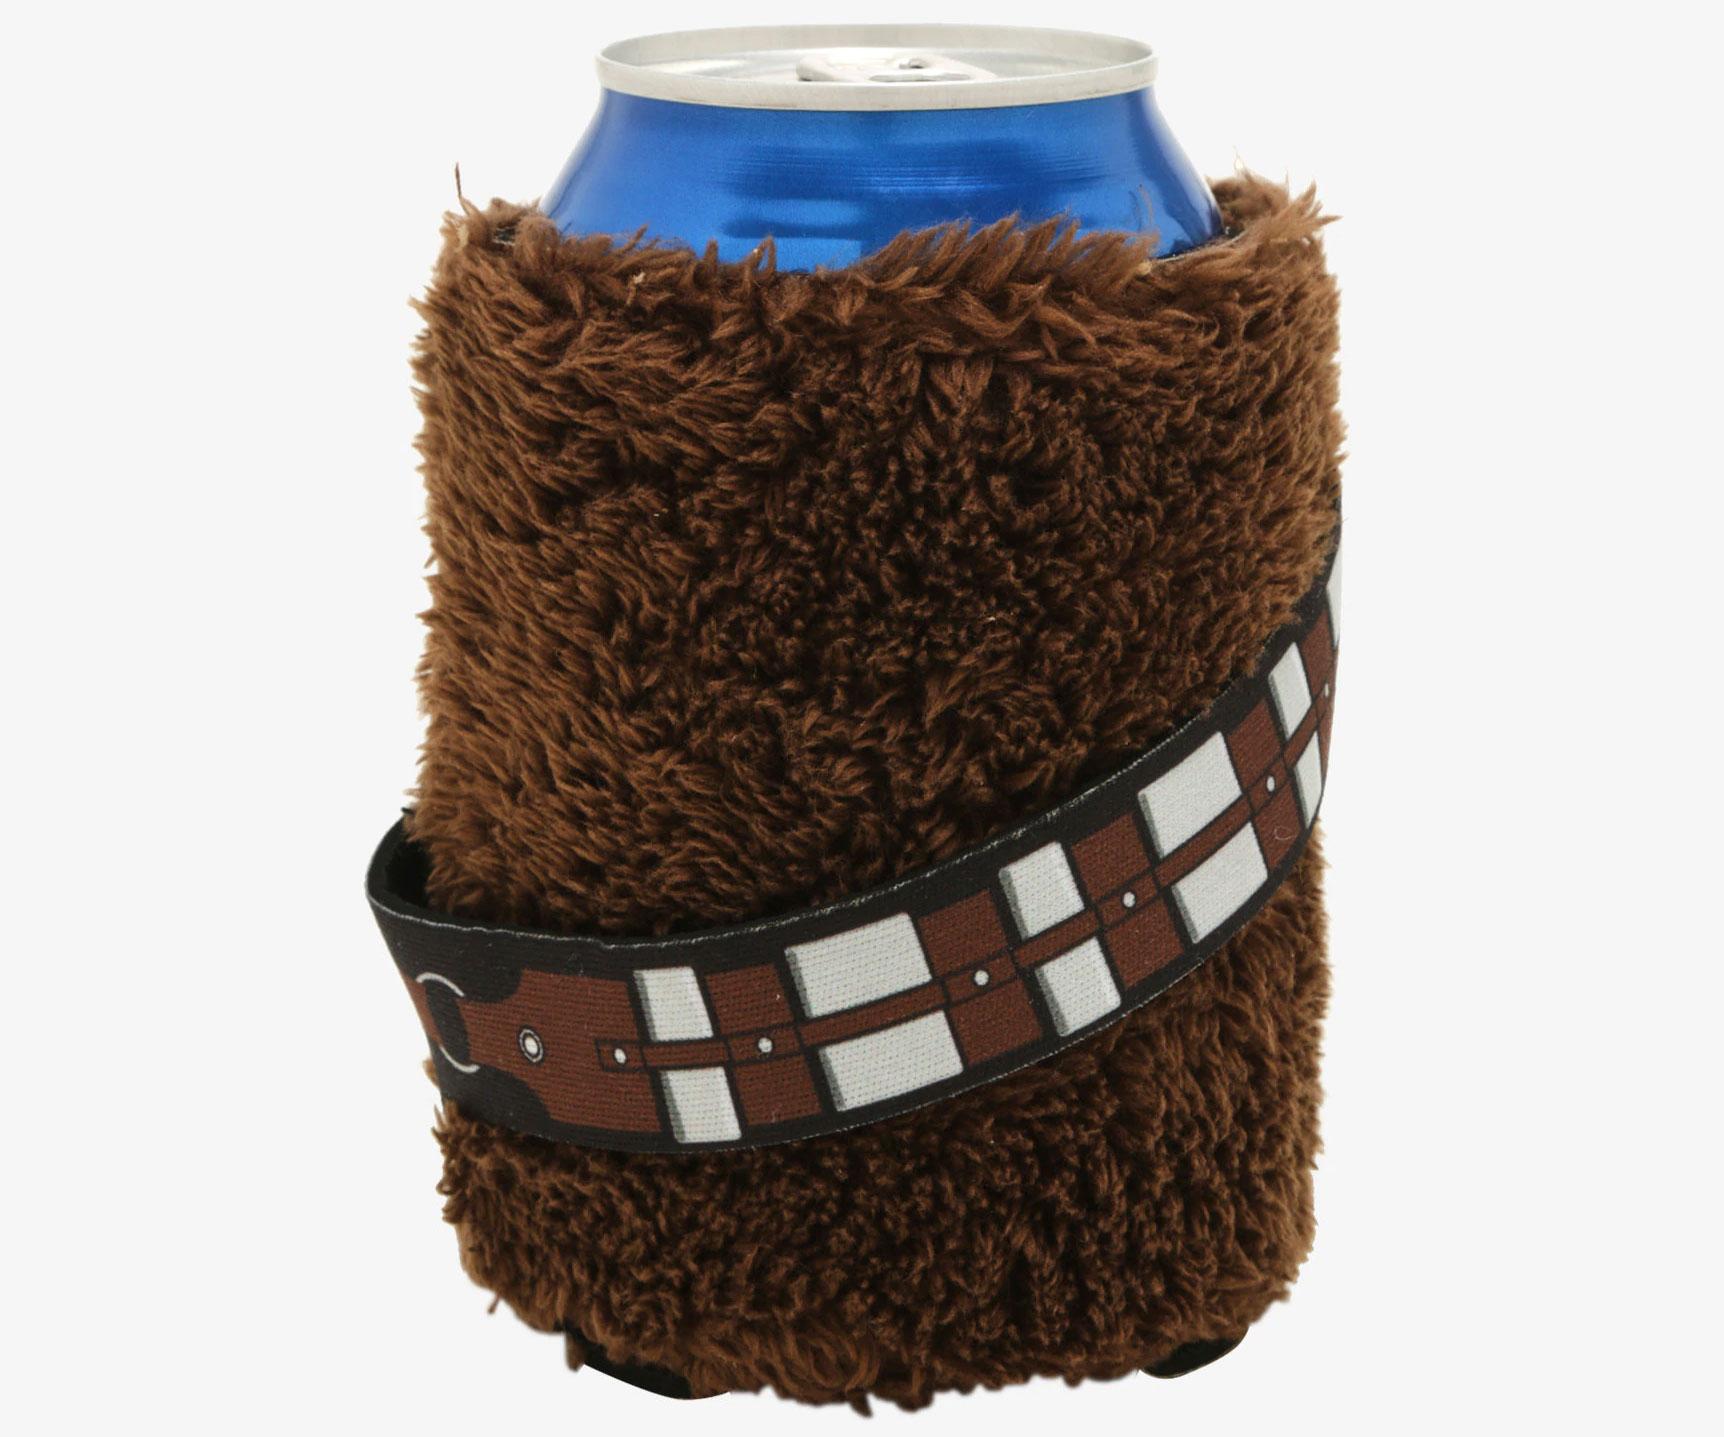 Chewbacca Can Koozie